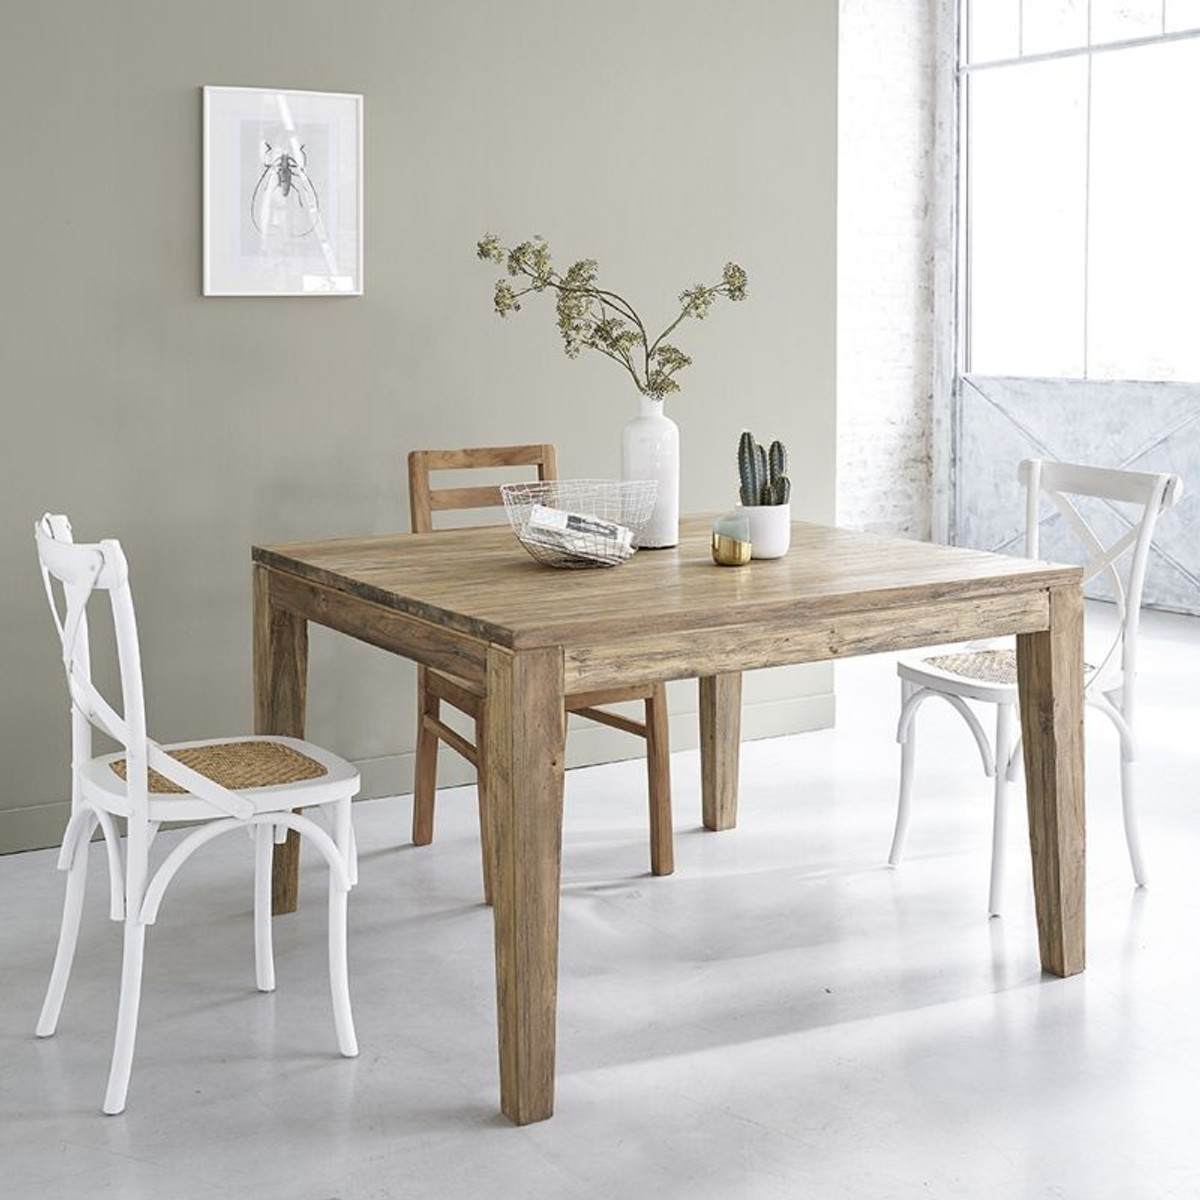 Table En Bois De Teck Recycle Avec Rallonges 8 A 10 Couverts Taille 10 Pers Table Bois Bois De Teck Et Salle A Manger Beige